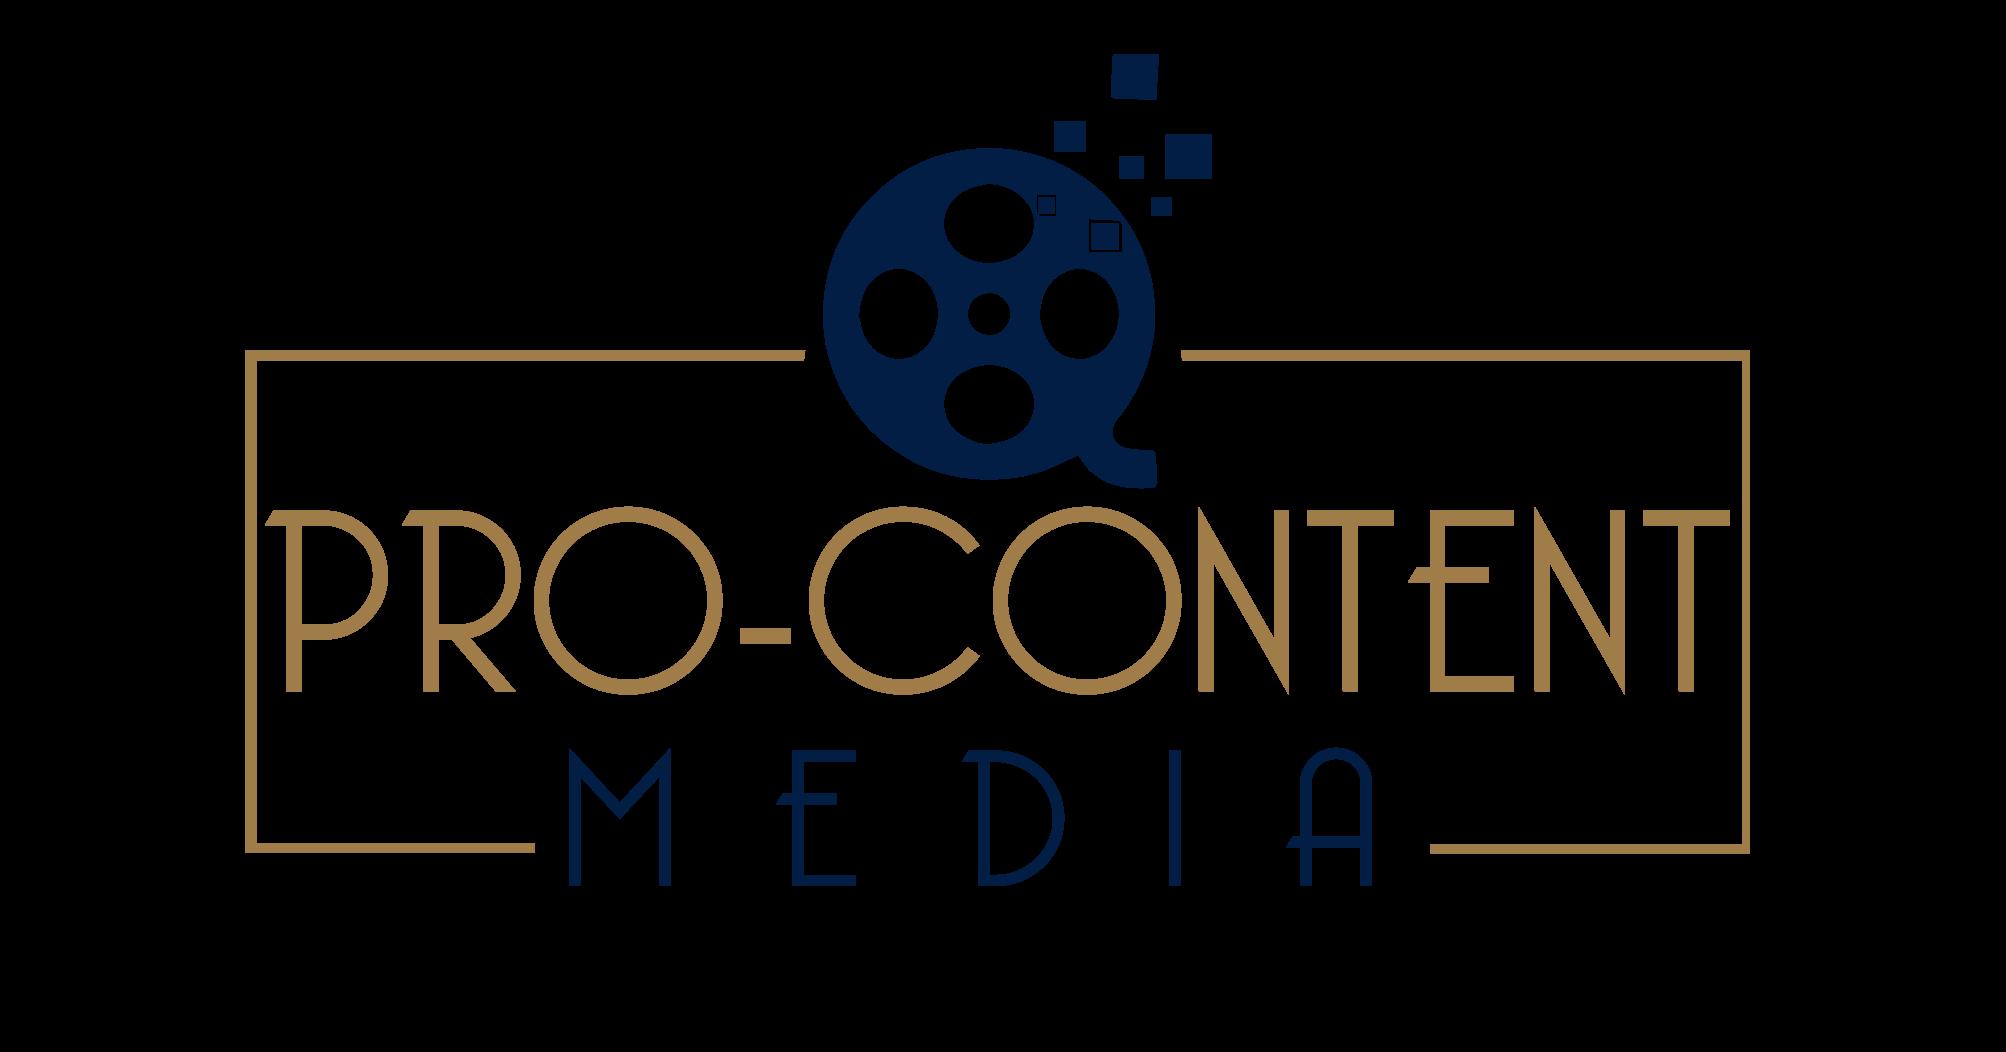 Pro Content Media LLC